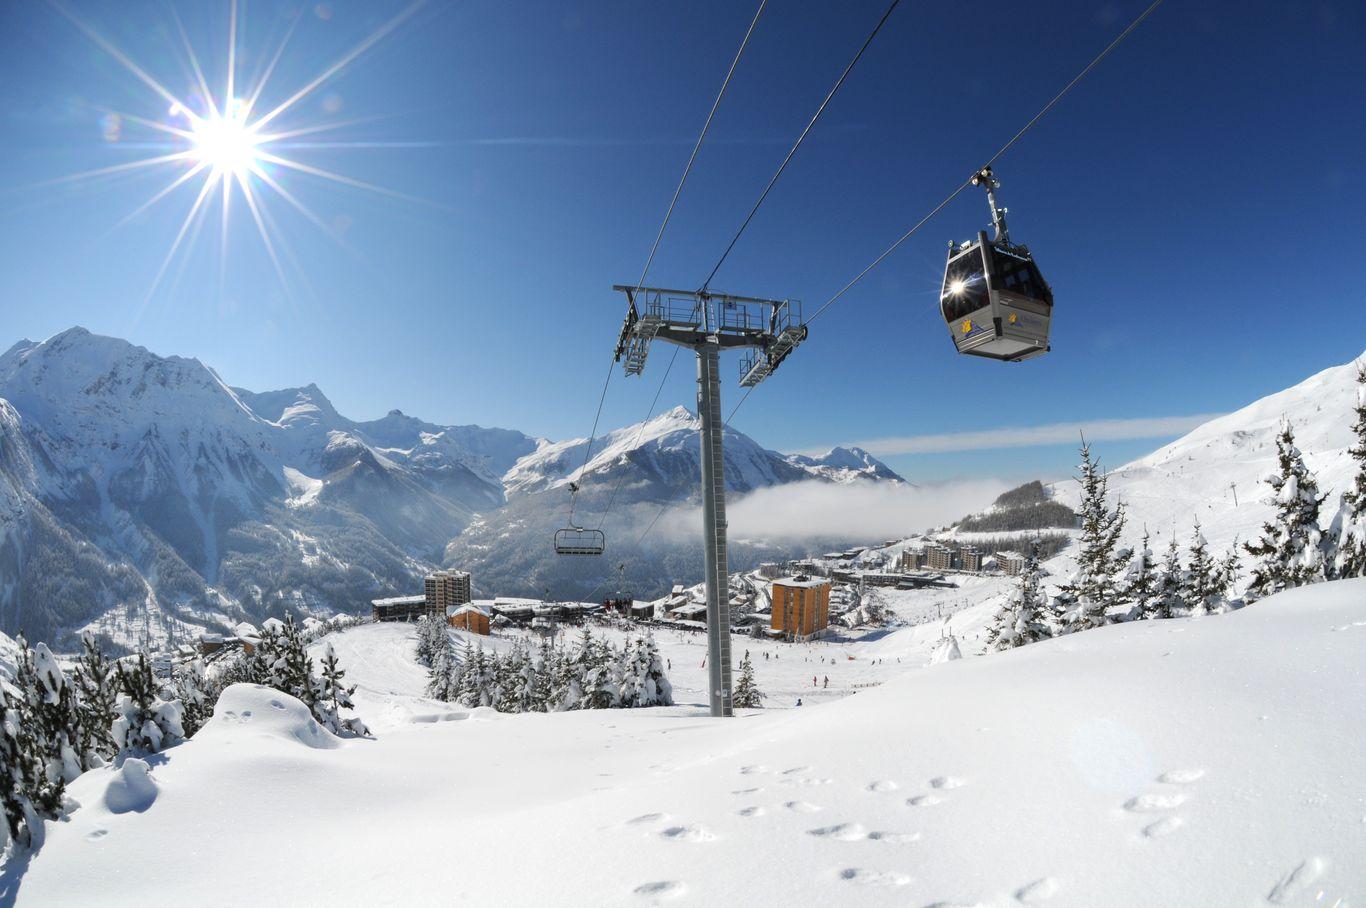 Domaine skiable Orcières Merlette - © Gilles Baron 3209f8fd1e5